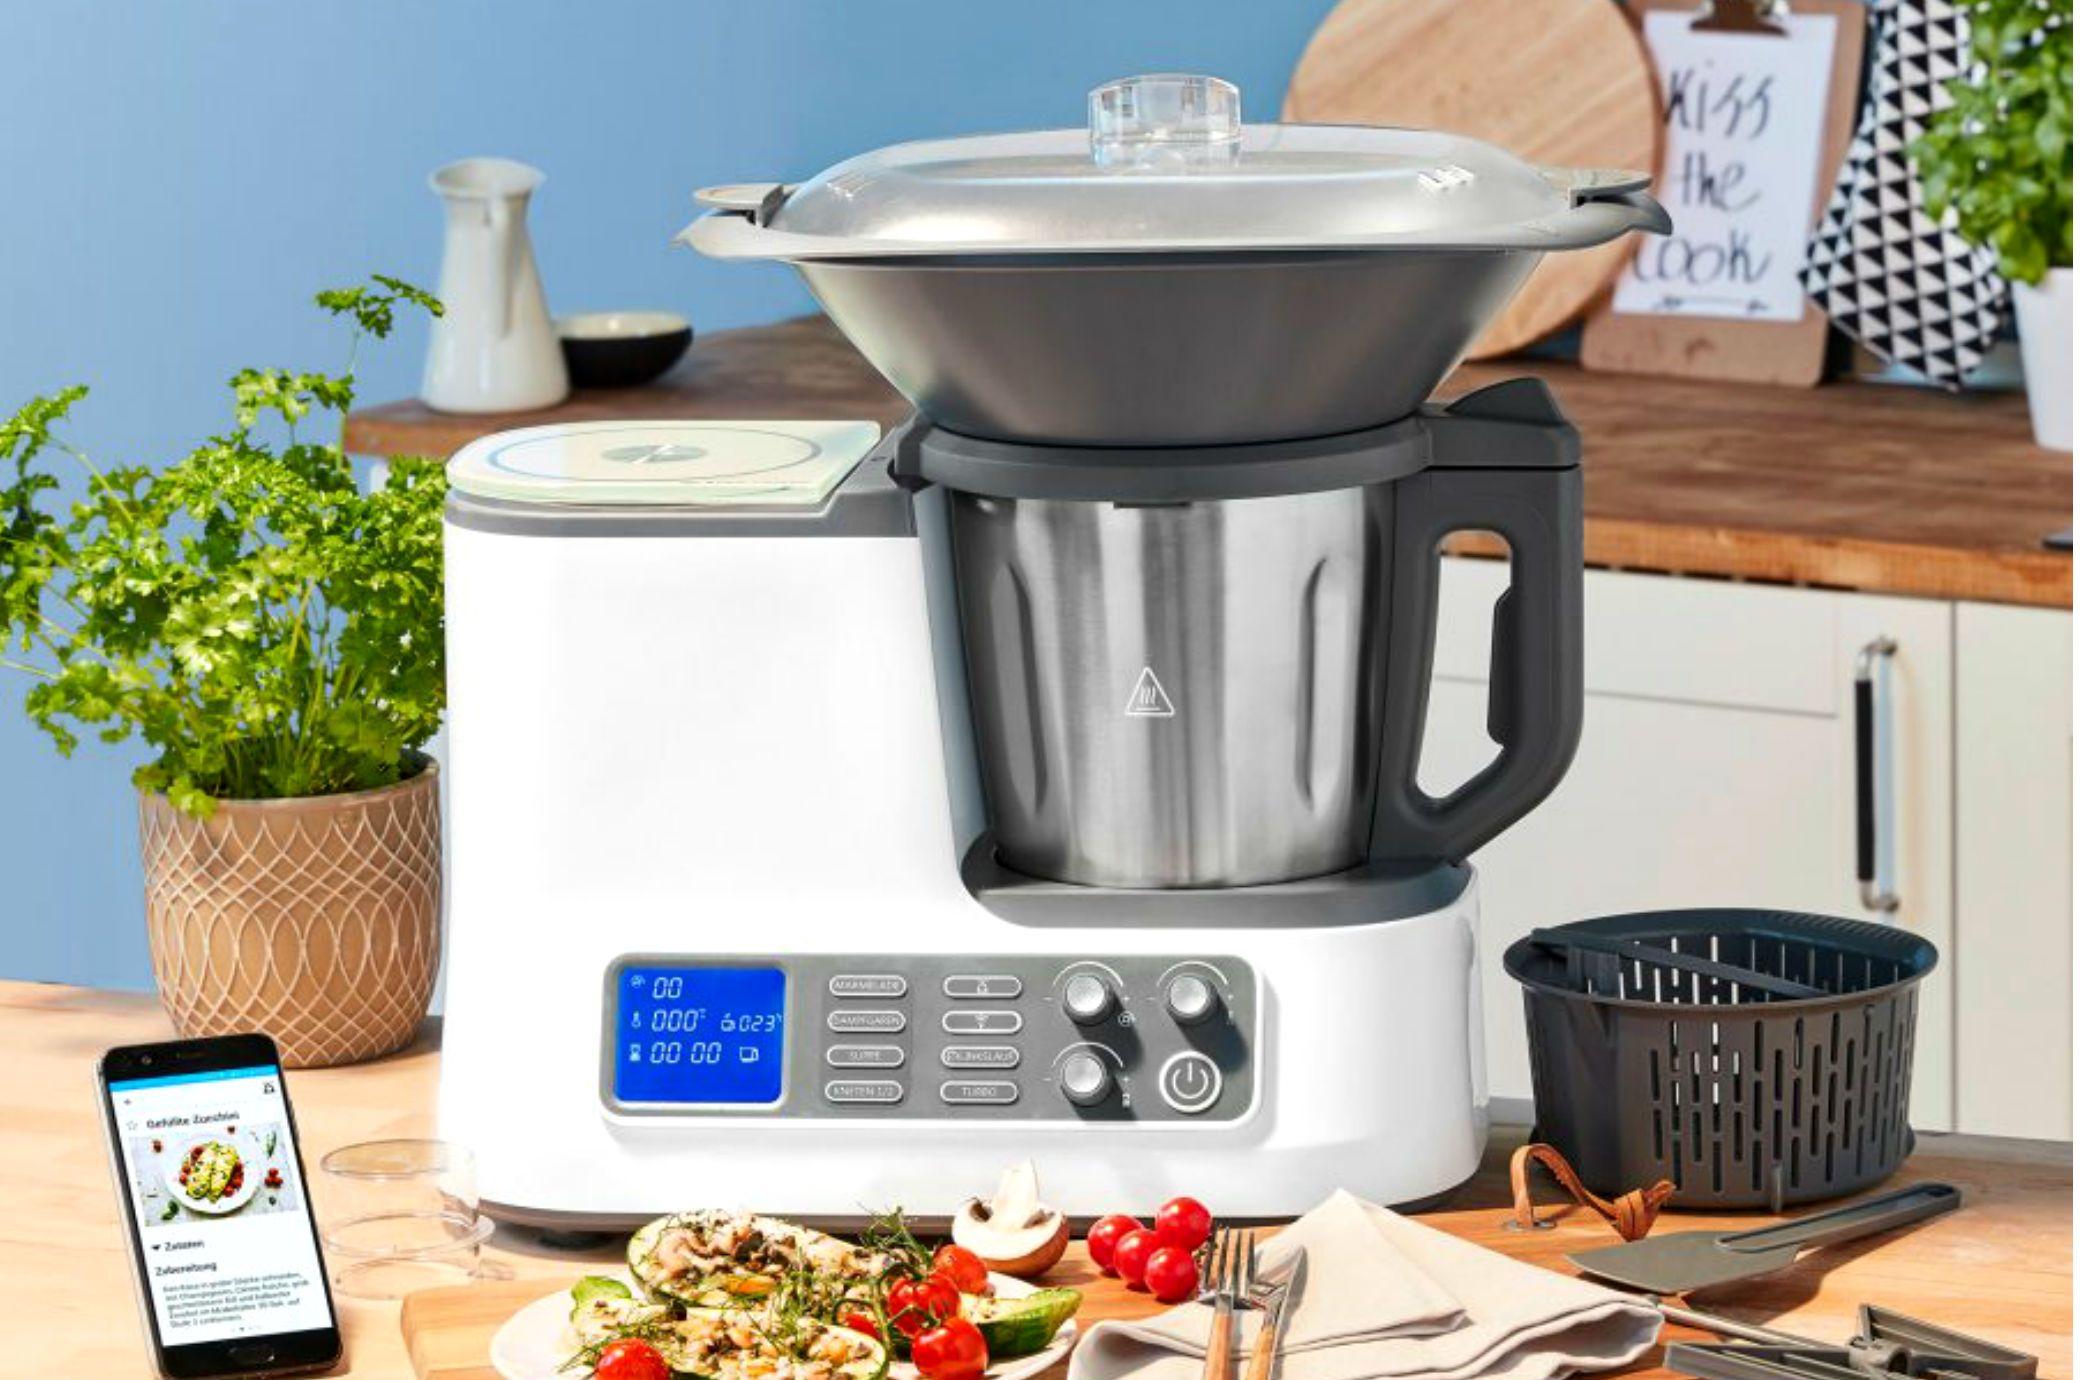 Lohnt Sich Der Neue Thermomix Klon Von Aldi Kuchenmaschine Mit Kochfunktion Thermomix Aldi